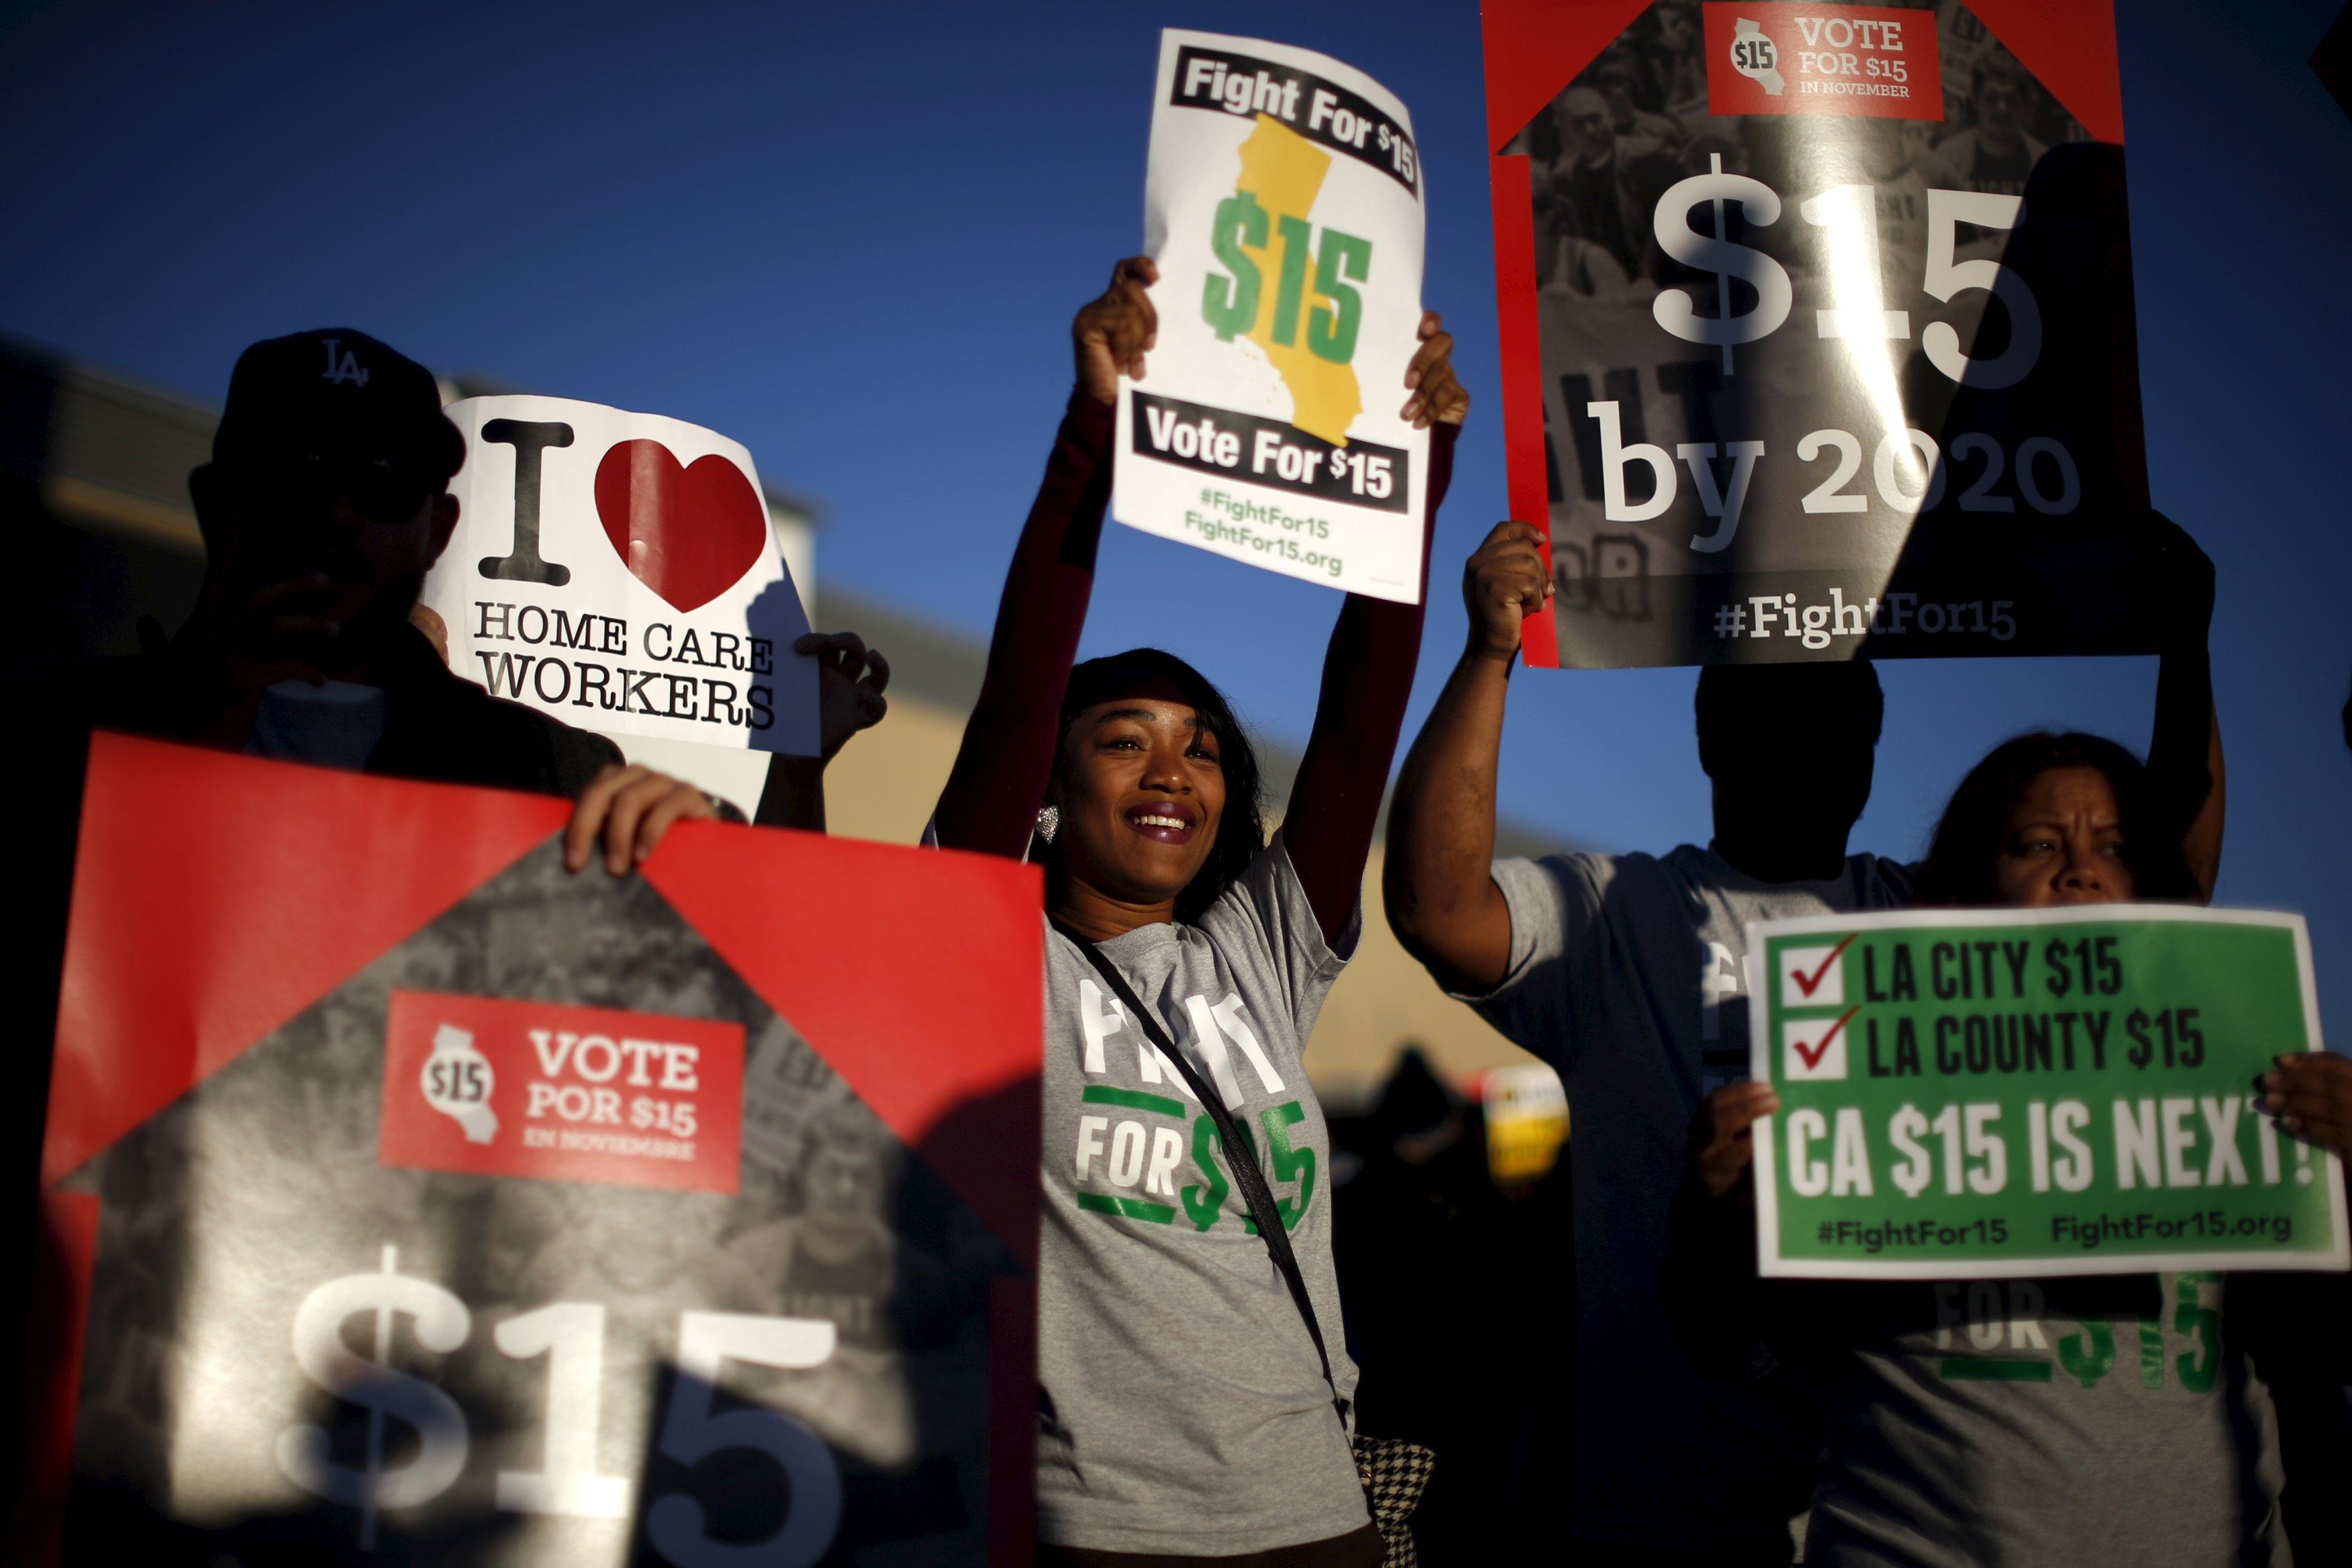 Pekerja restoran cepat saji dan pendukungnya bergabung dalam protes nasional menuntut gaji lebih tinggi dan hak berserikat di luar restoran McDonald di Los Angeles, California, Amerika Serikat, Selasa (10/11). REUTERS/Lucy Nicholson.